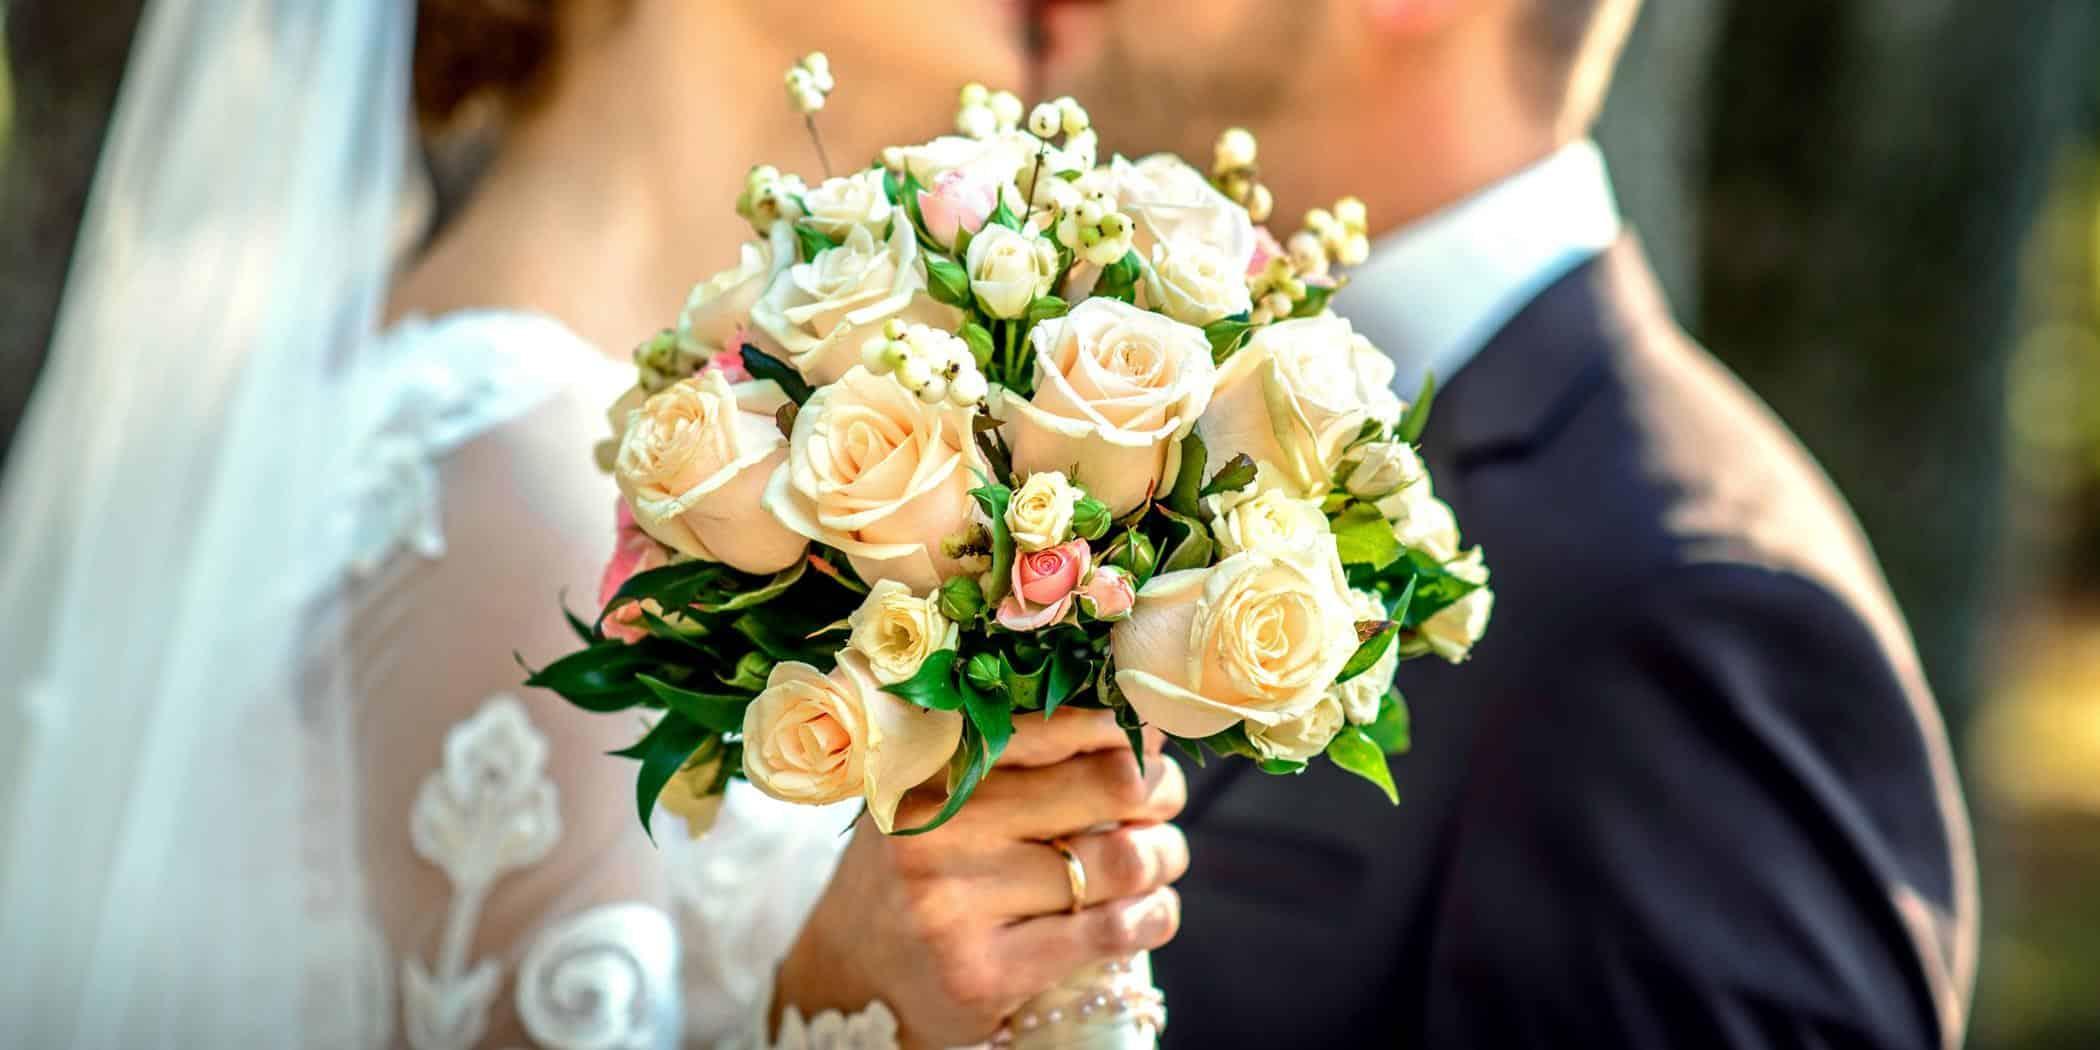 Сертификат о заключении брака выдают сразу